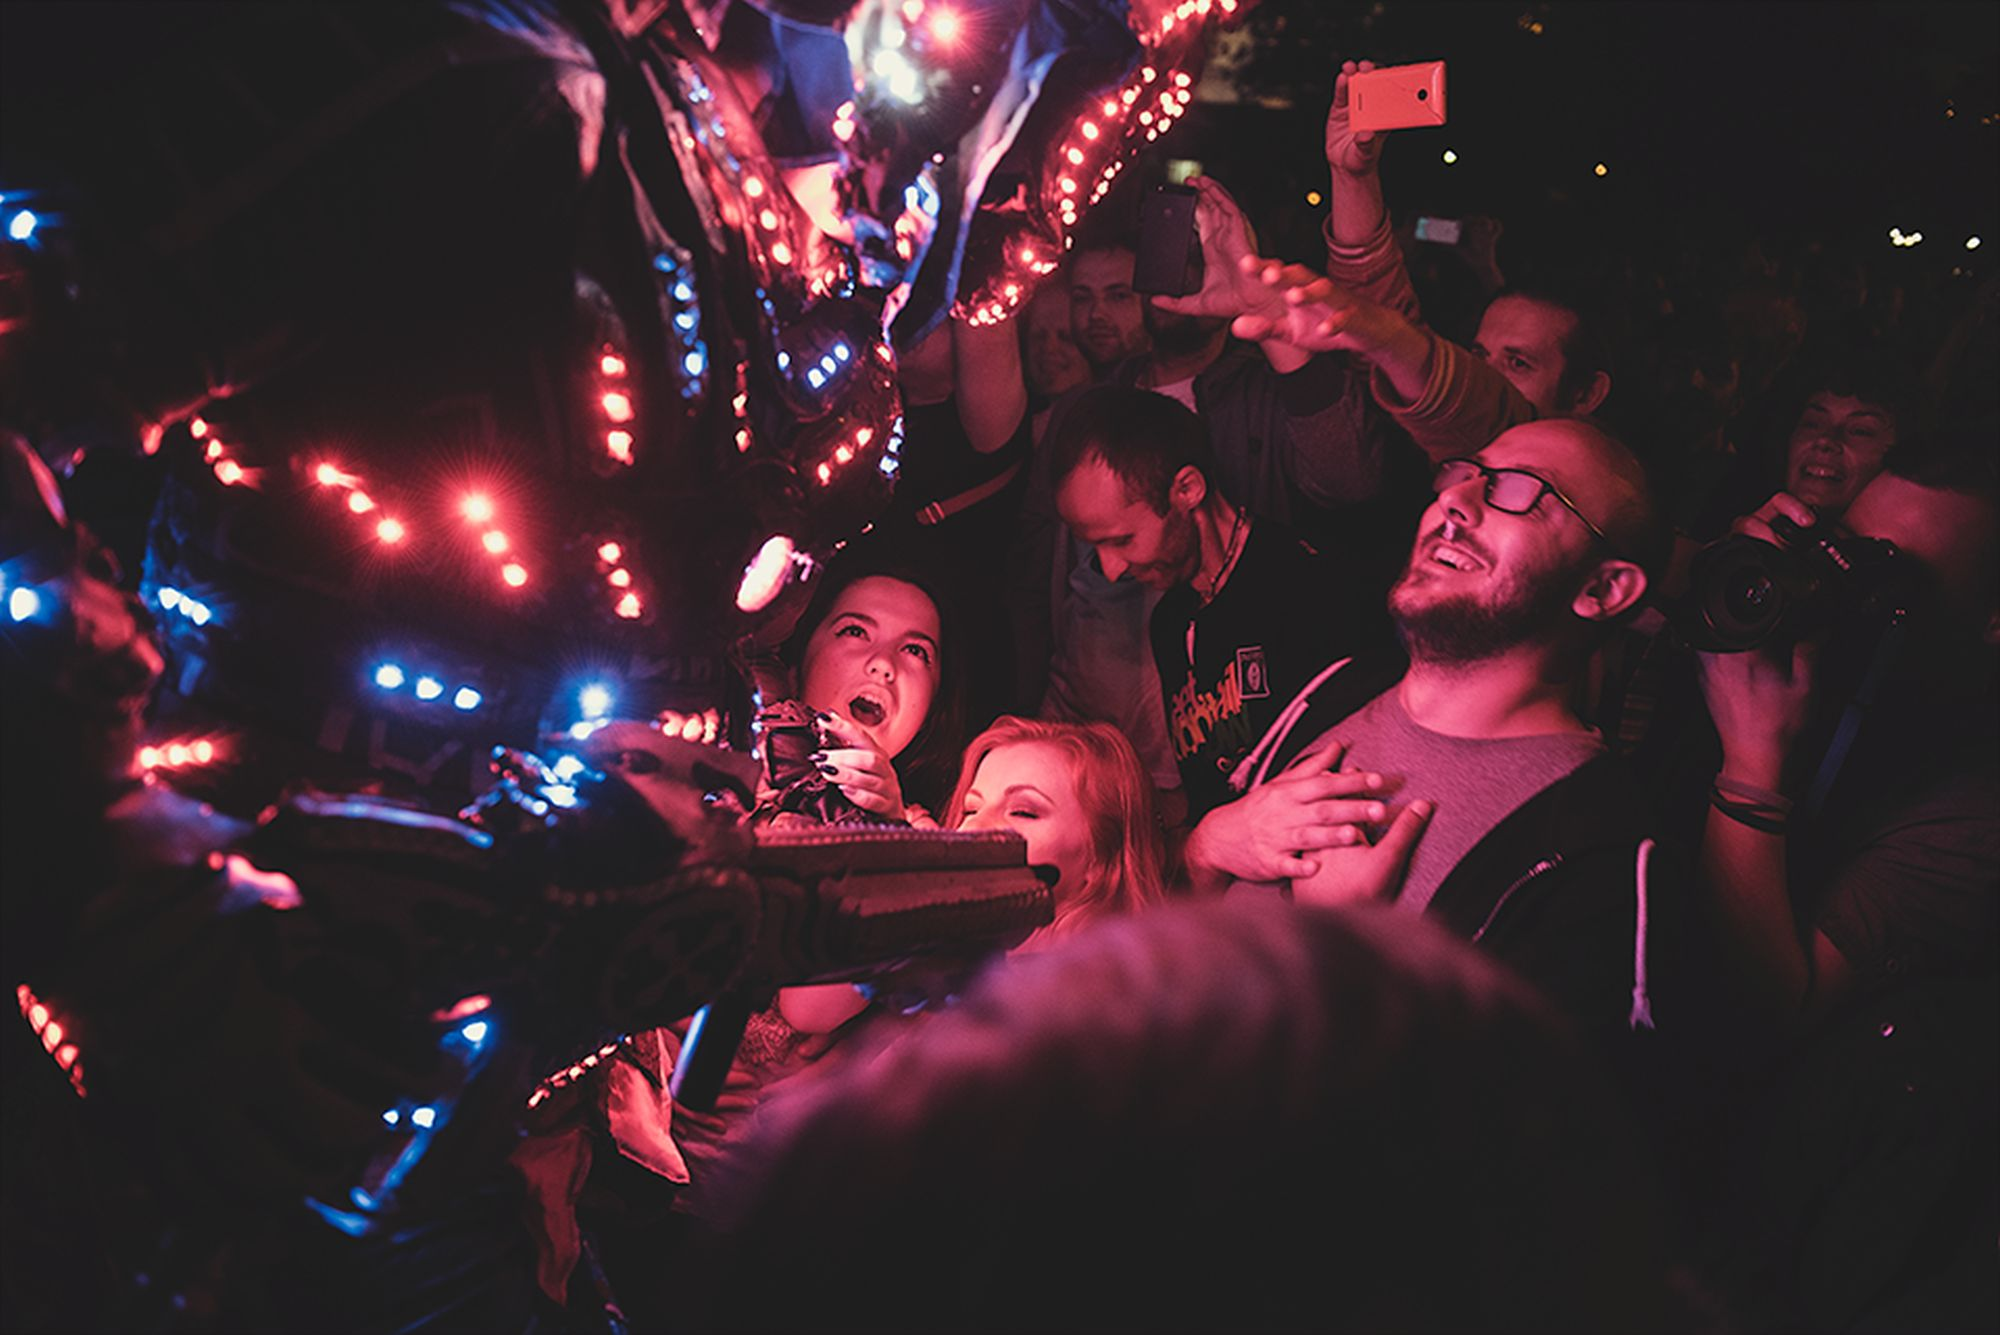 [Koncert Juno Reactor & Mutant Theatre. Na zdjęciu członek zespołu ubrany w kostium z wbudowanymi czerwono-niebieskimi światełkami łapie kontakt z rozentuzjazmowaną publicznością. Widok z boku. Światełka tworzą niepowtarzalny klimat.]